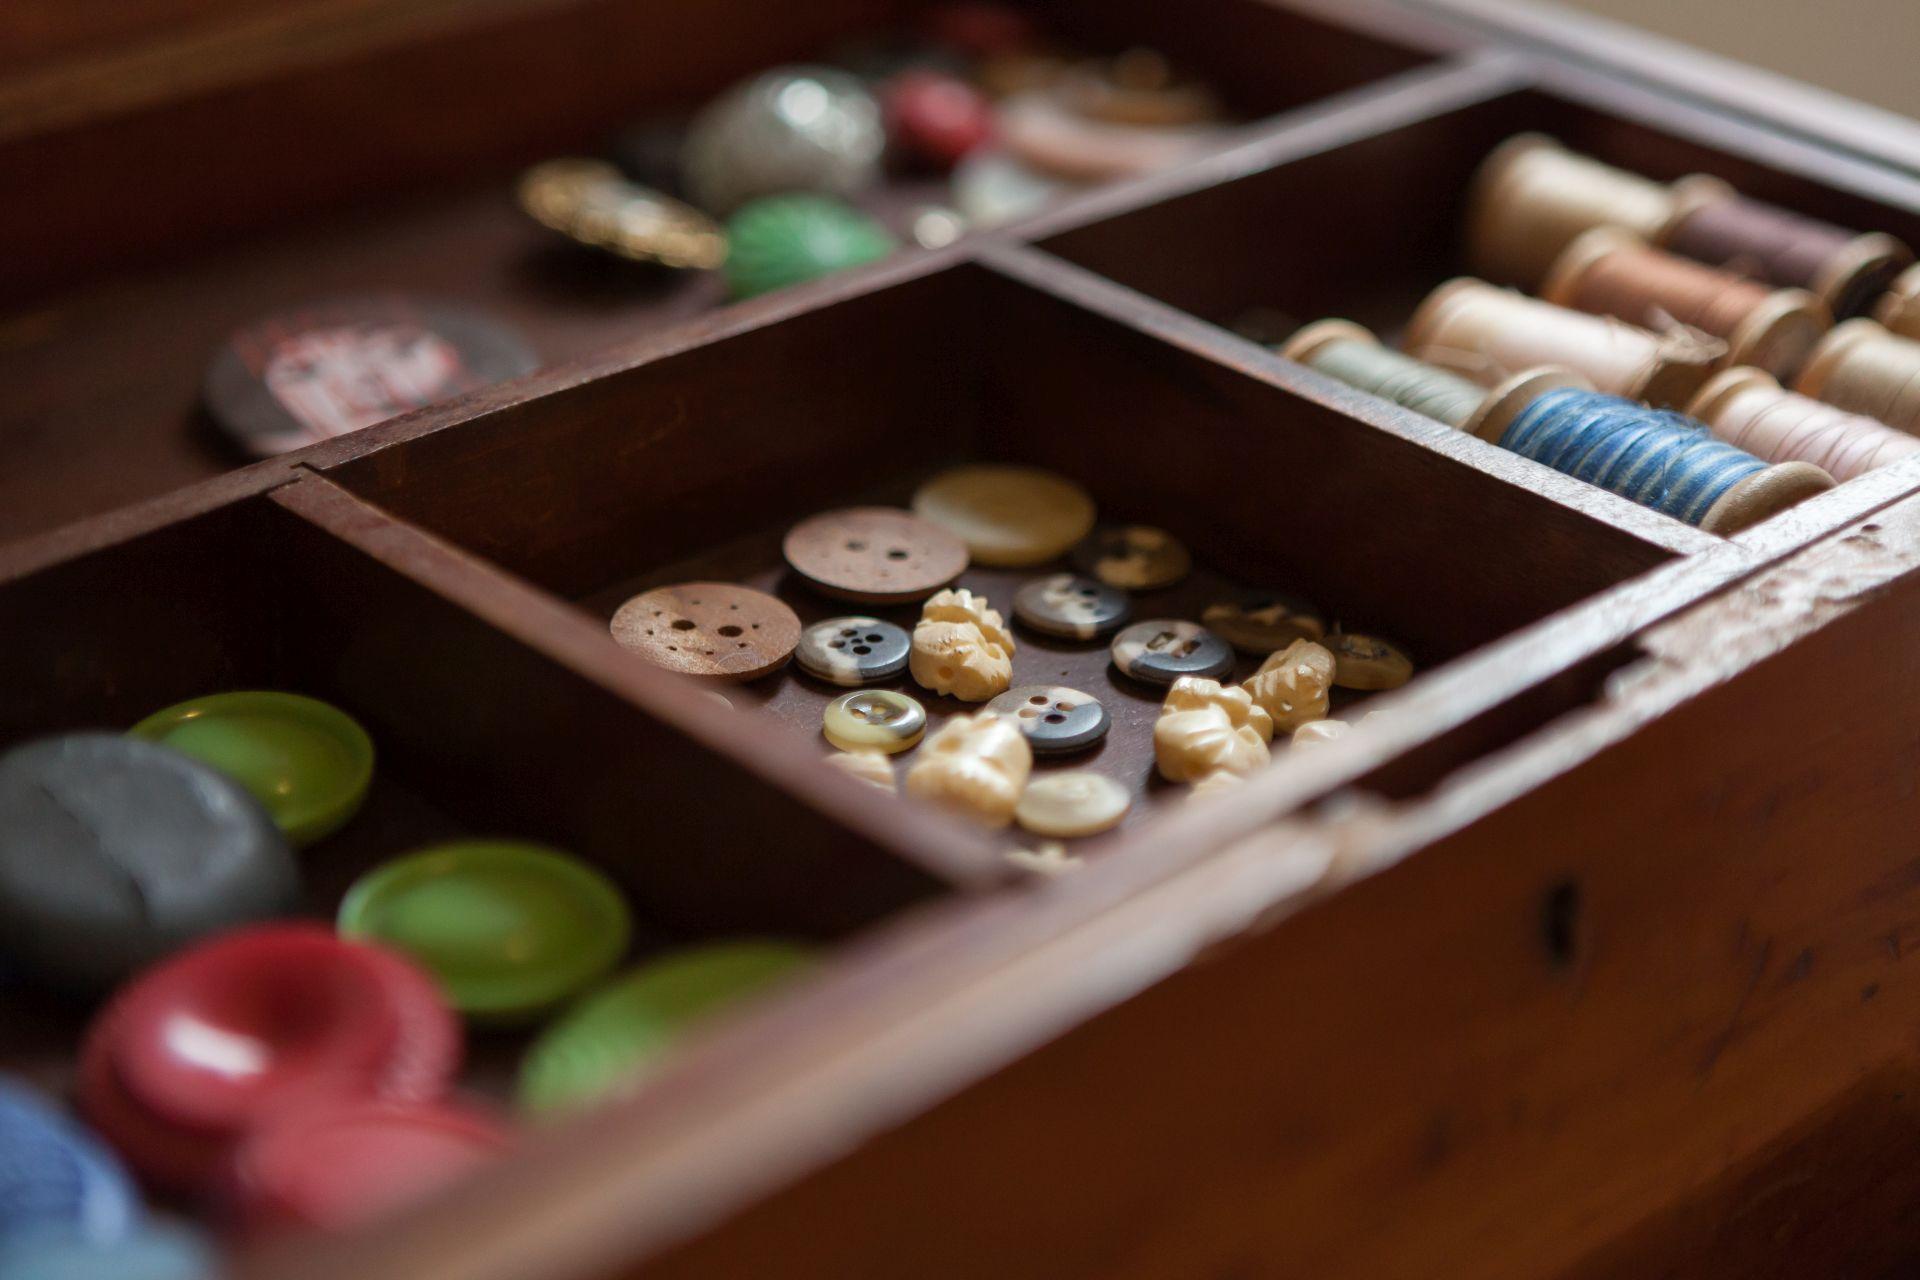 Dentre os objetos colecionados por Socorro, botões de osso, vidro e plástico do início do século 20. Foto: Fernando Zequinão/Gazeta do Povo